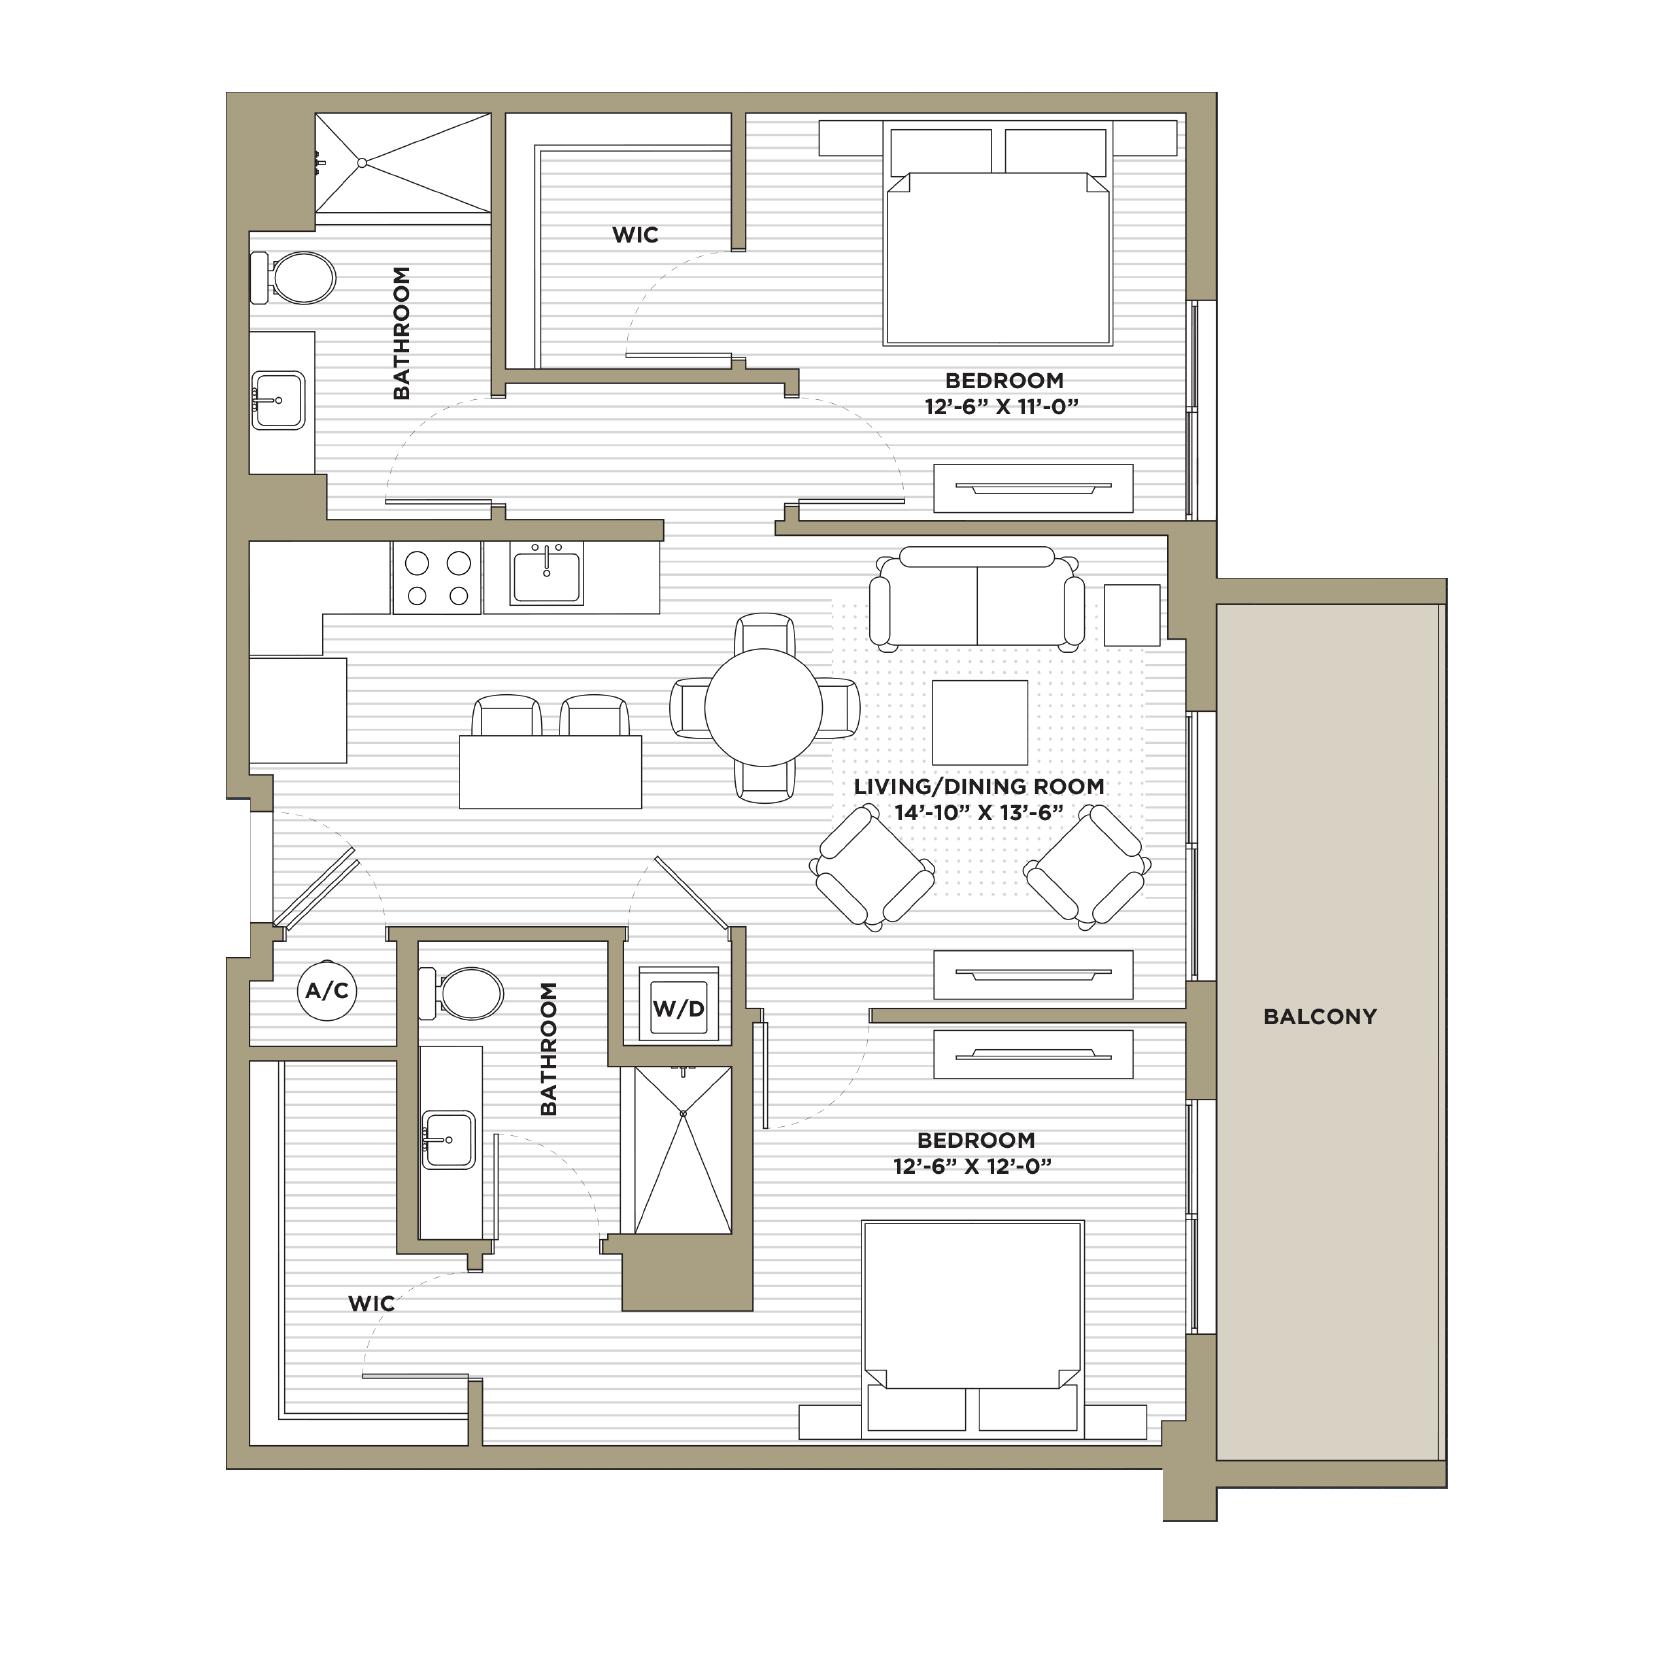 B3 - 2 Bedroom / 2 Bathroom1,082 sq. ft.